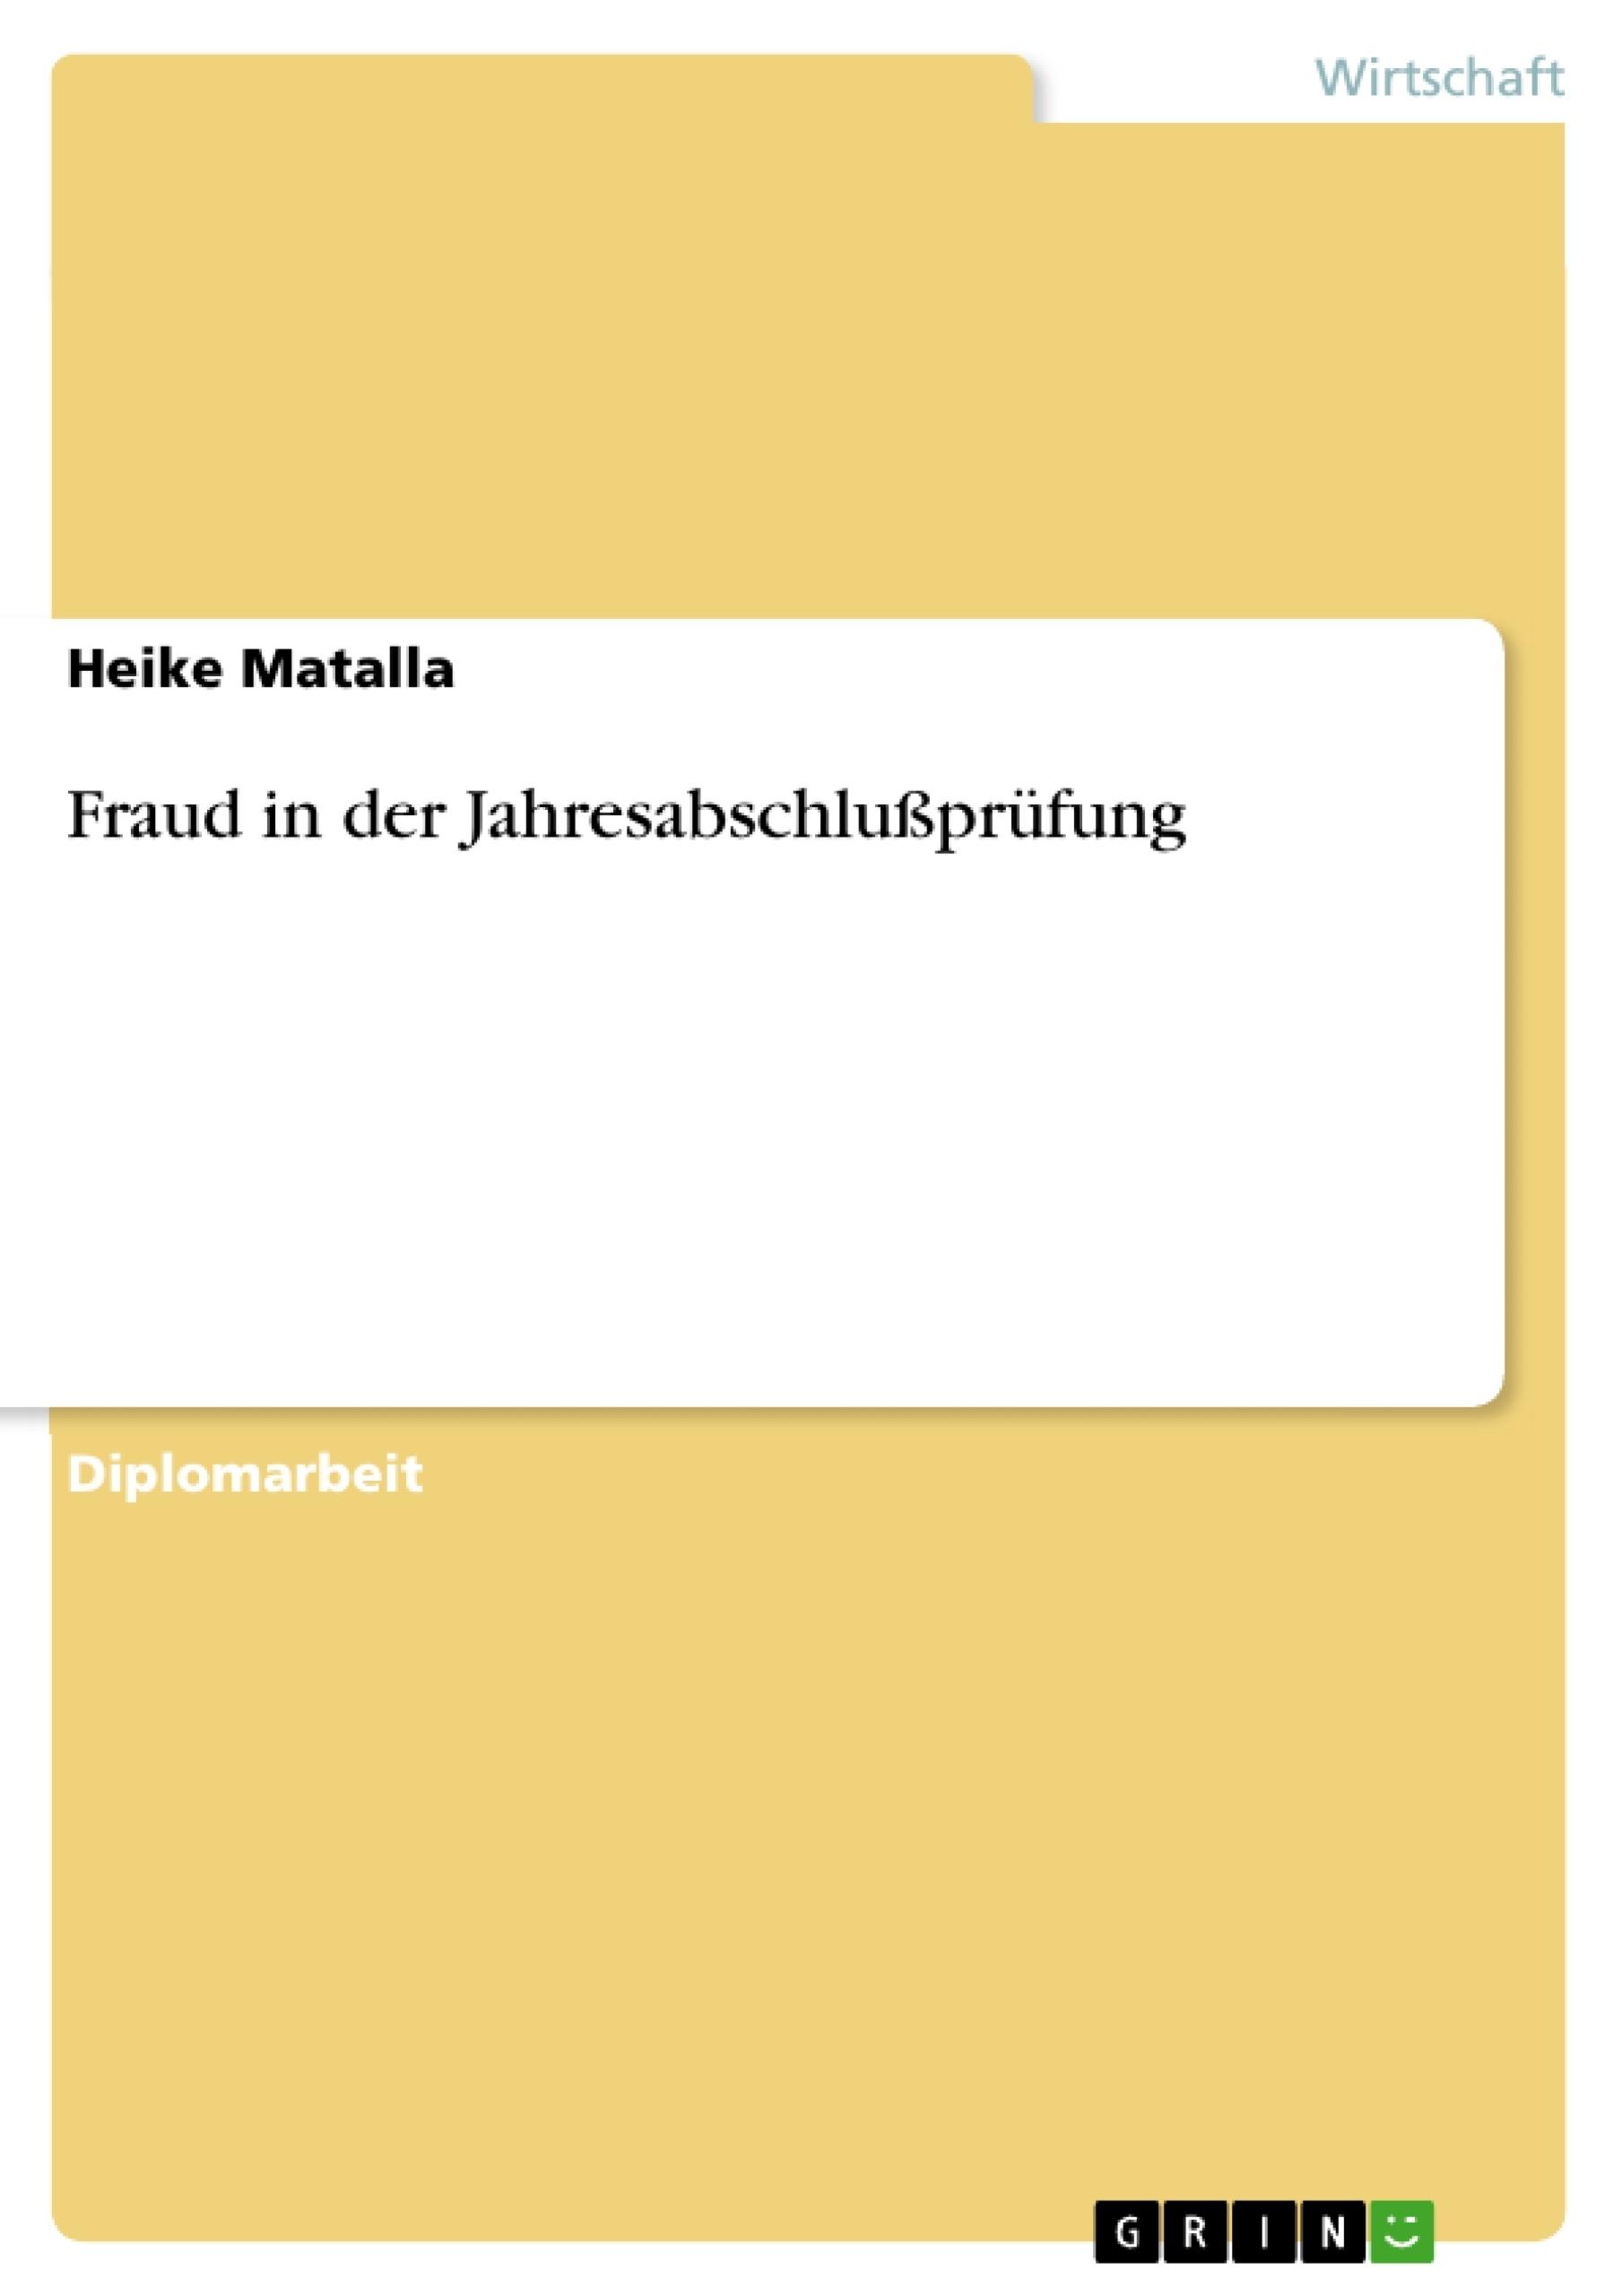 Titel: Fraud in der Jahresabschlußprüfung